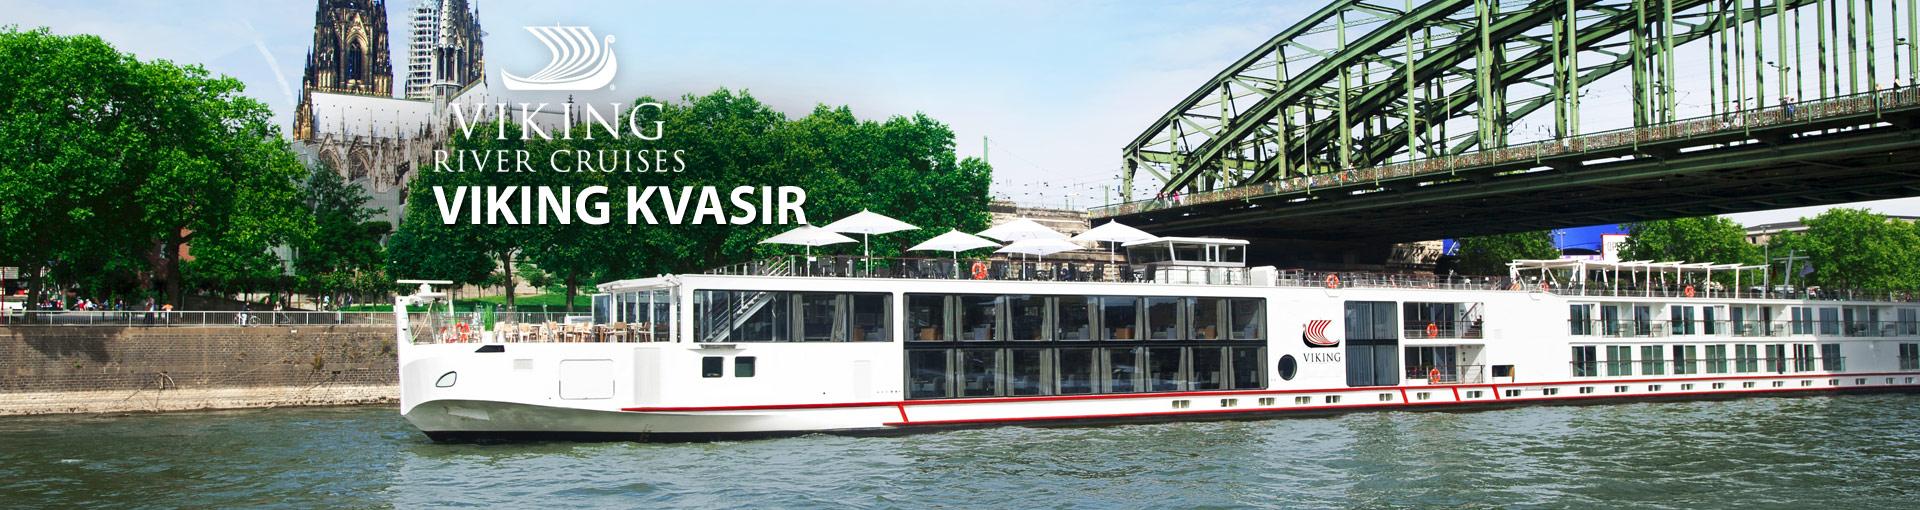 Viking Rivers Viking Kvasir river cruise ship